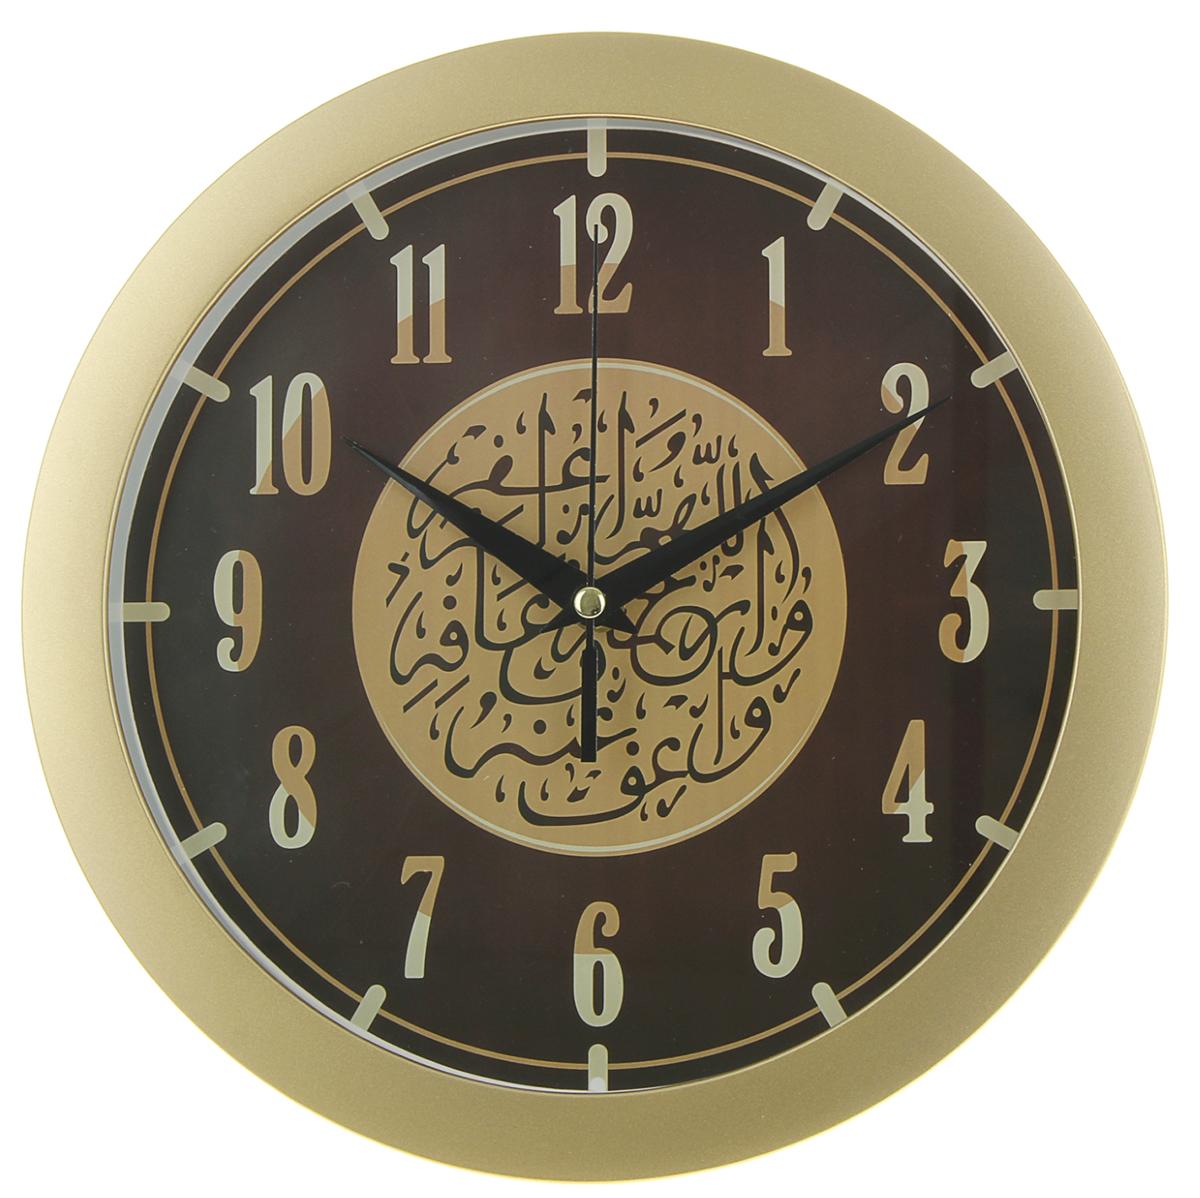 """Часы настенные круглые """"Золотой песок"""", d=28,5 см, коричнево-золотистые — сувенир в полном смысле этого слова. И главная его задача — хранить воспоминание о месте, где вы побывали, или о том человеке, который подарил данный предмет. Преподнесите эту вещь своему другу, и она станет достойным украшением его дома. Каждому хозяину периодически приходит мысль обновить свою квартиру, сделать ремонт, перестановку или кардинально поменять внешний вид каждой комнаты. Часы настенные круглые """"Золотой песок"""", d=28,5 см, коричнево-золотистые — привлекательная деталь, которая поможет воплотить вашу интерьерную идею, создать неповторимую атмосферу в вашем доме. Окружите себя приятными мелочами, пусть они радуют глаз и дарят гармонию.Часы настенные круглые """"Узор"""" 883193"""